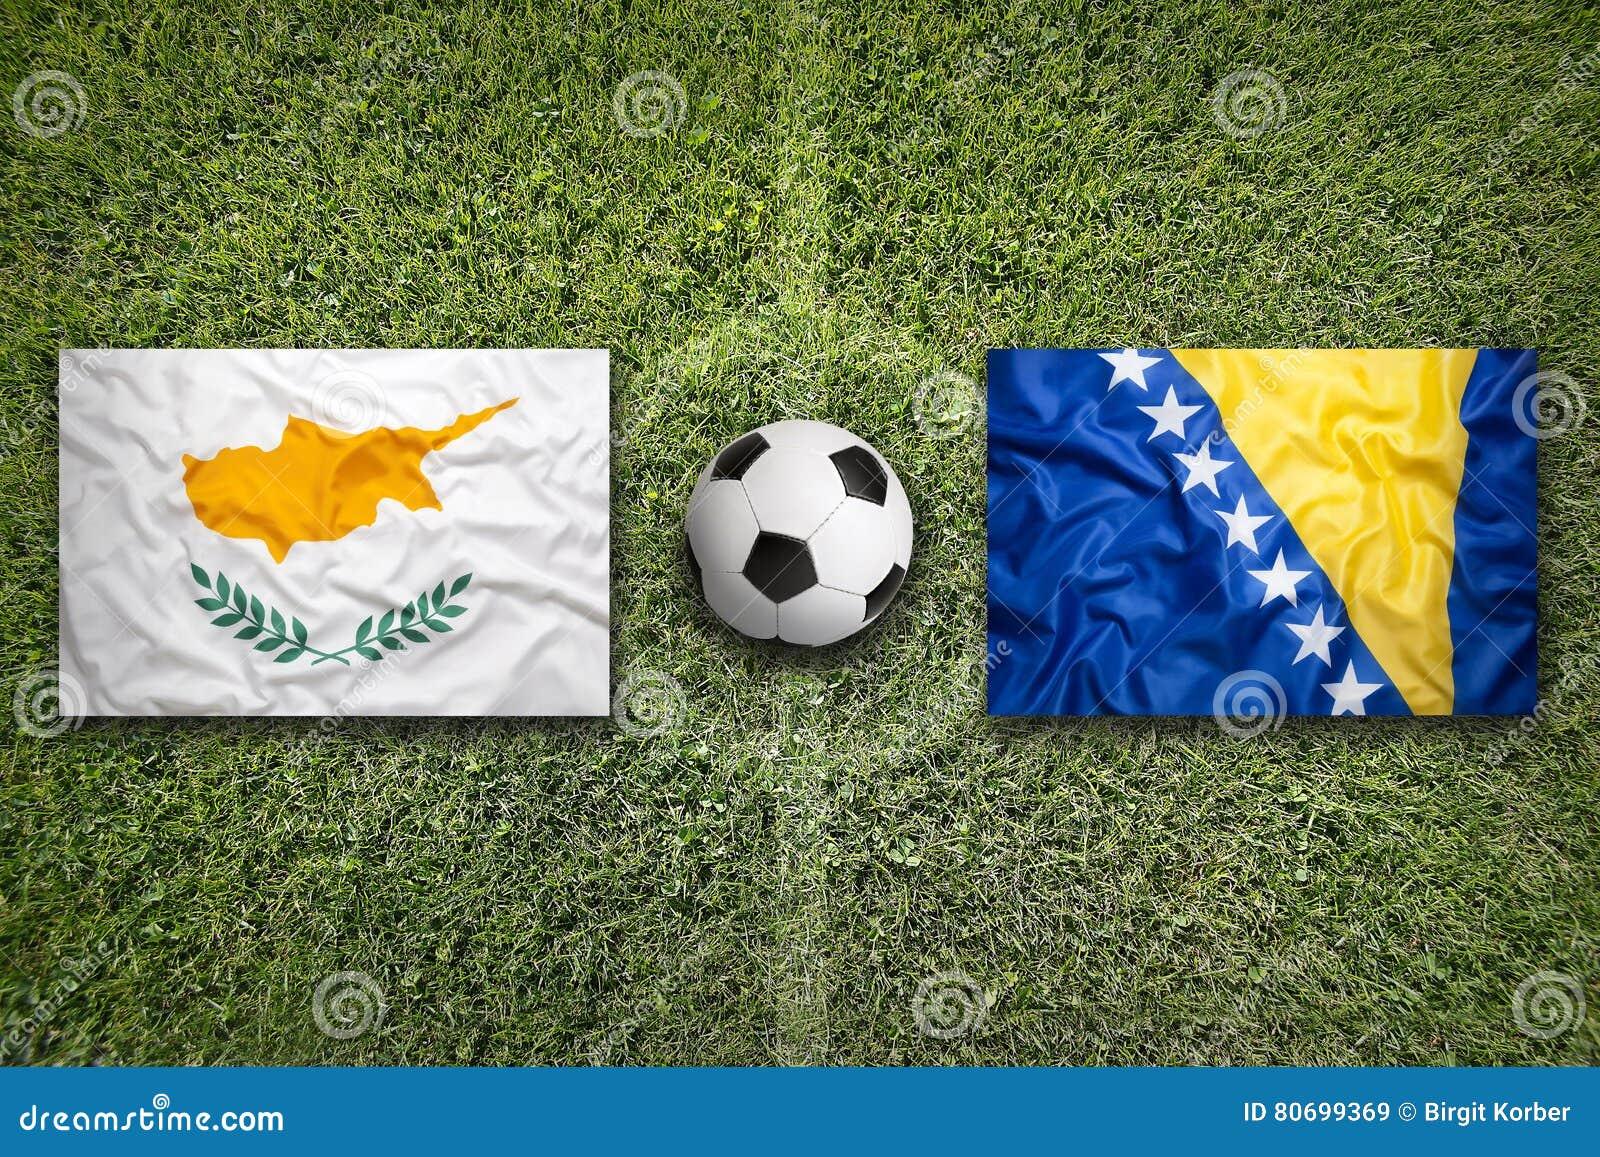 Cyprus versus De vlaggen van Bosnië-Herzegovina op voetbalgebied